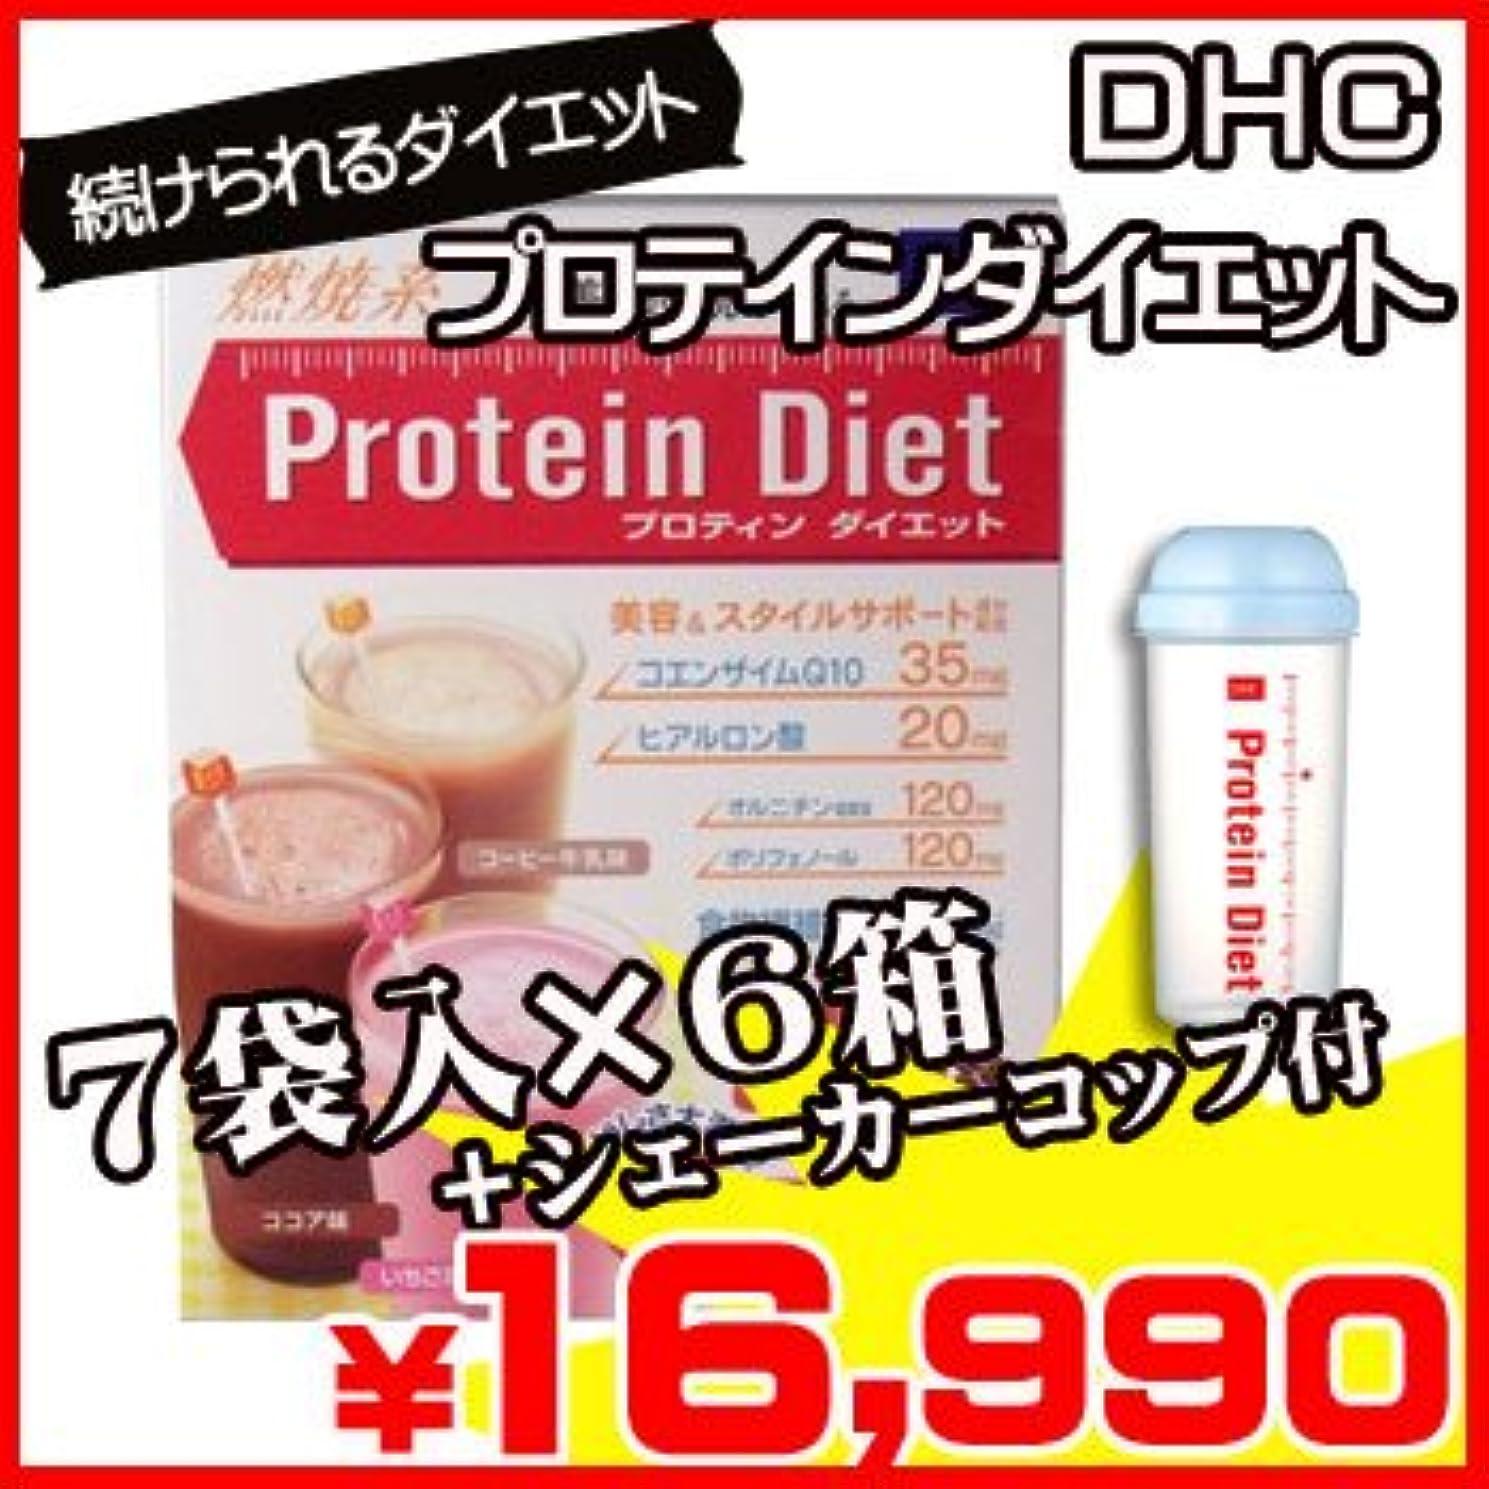 誰法医学米ドルDHC プロティンダイエット 7袋入×6箱 シェーカー コップ付セット(プロティンダイエット開始セット)